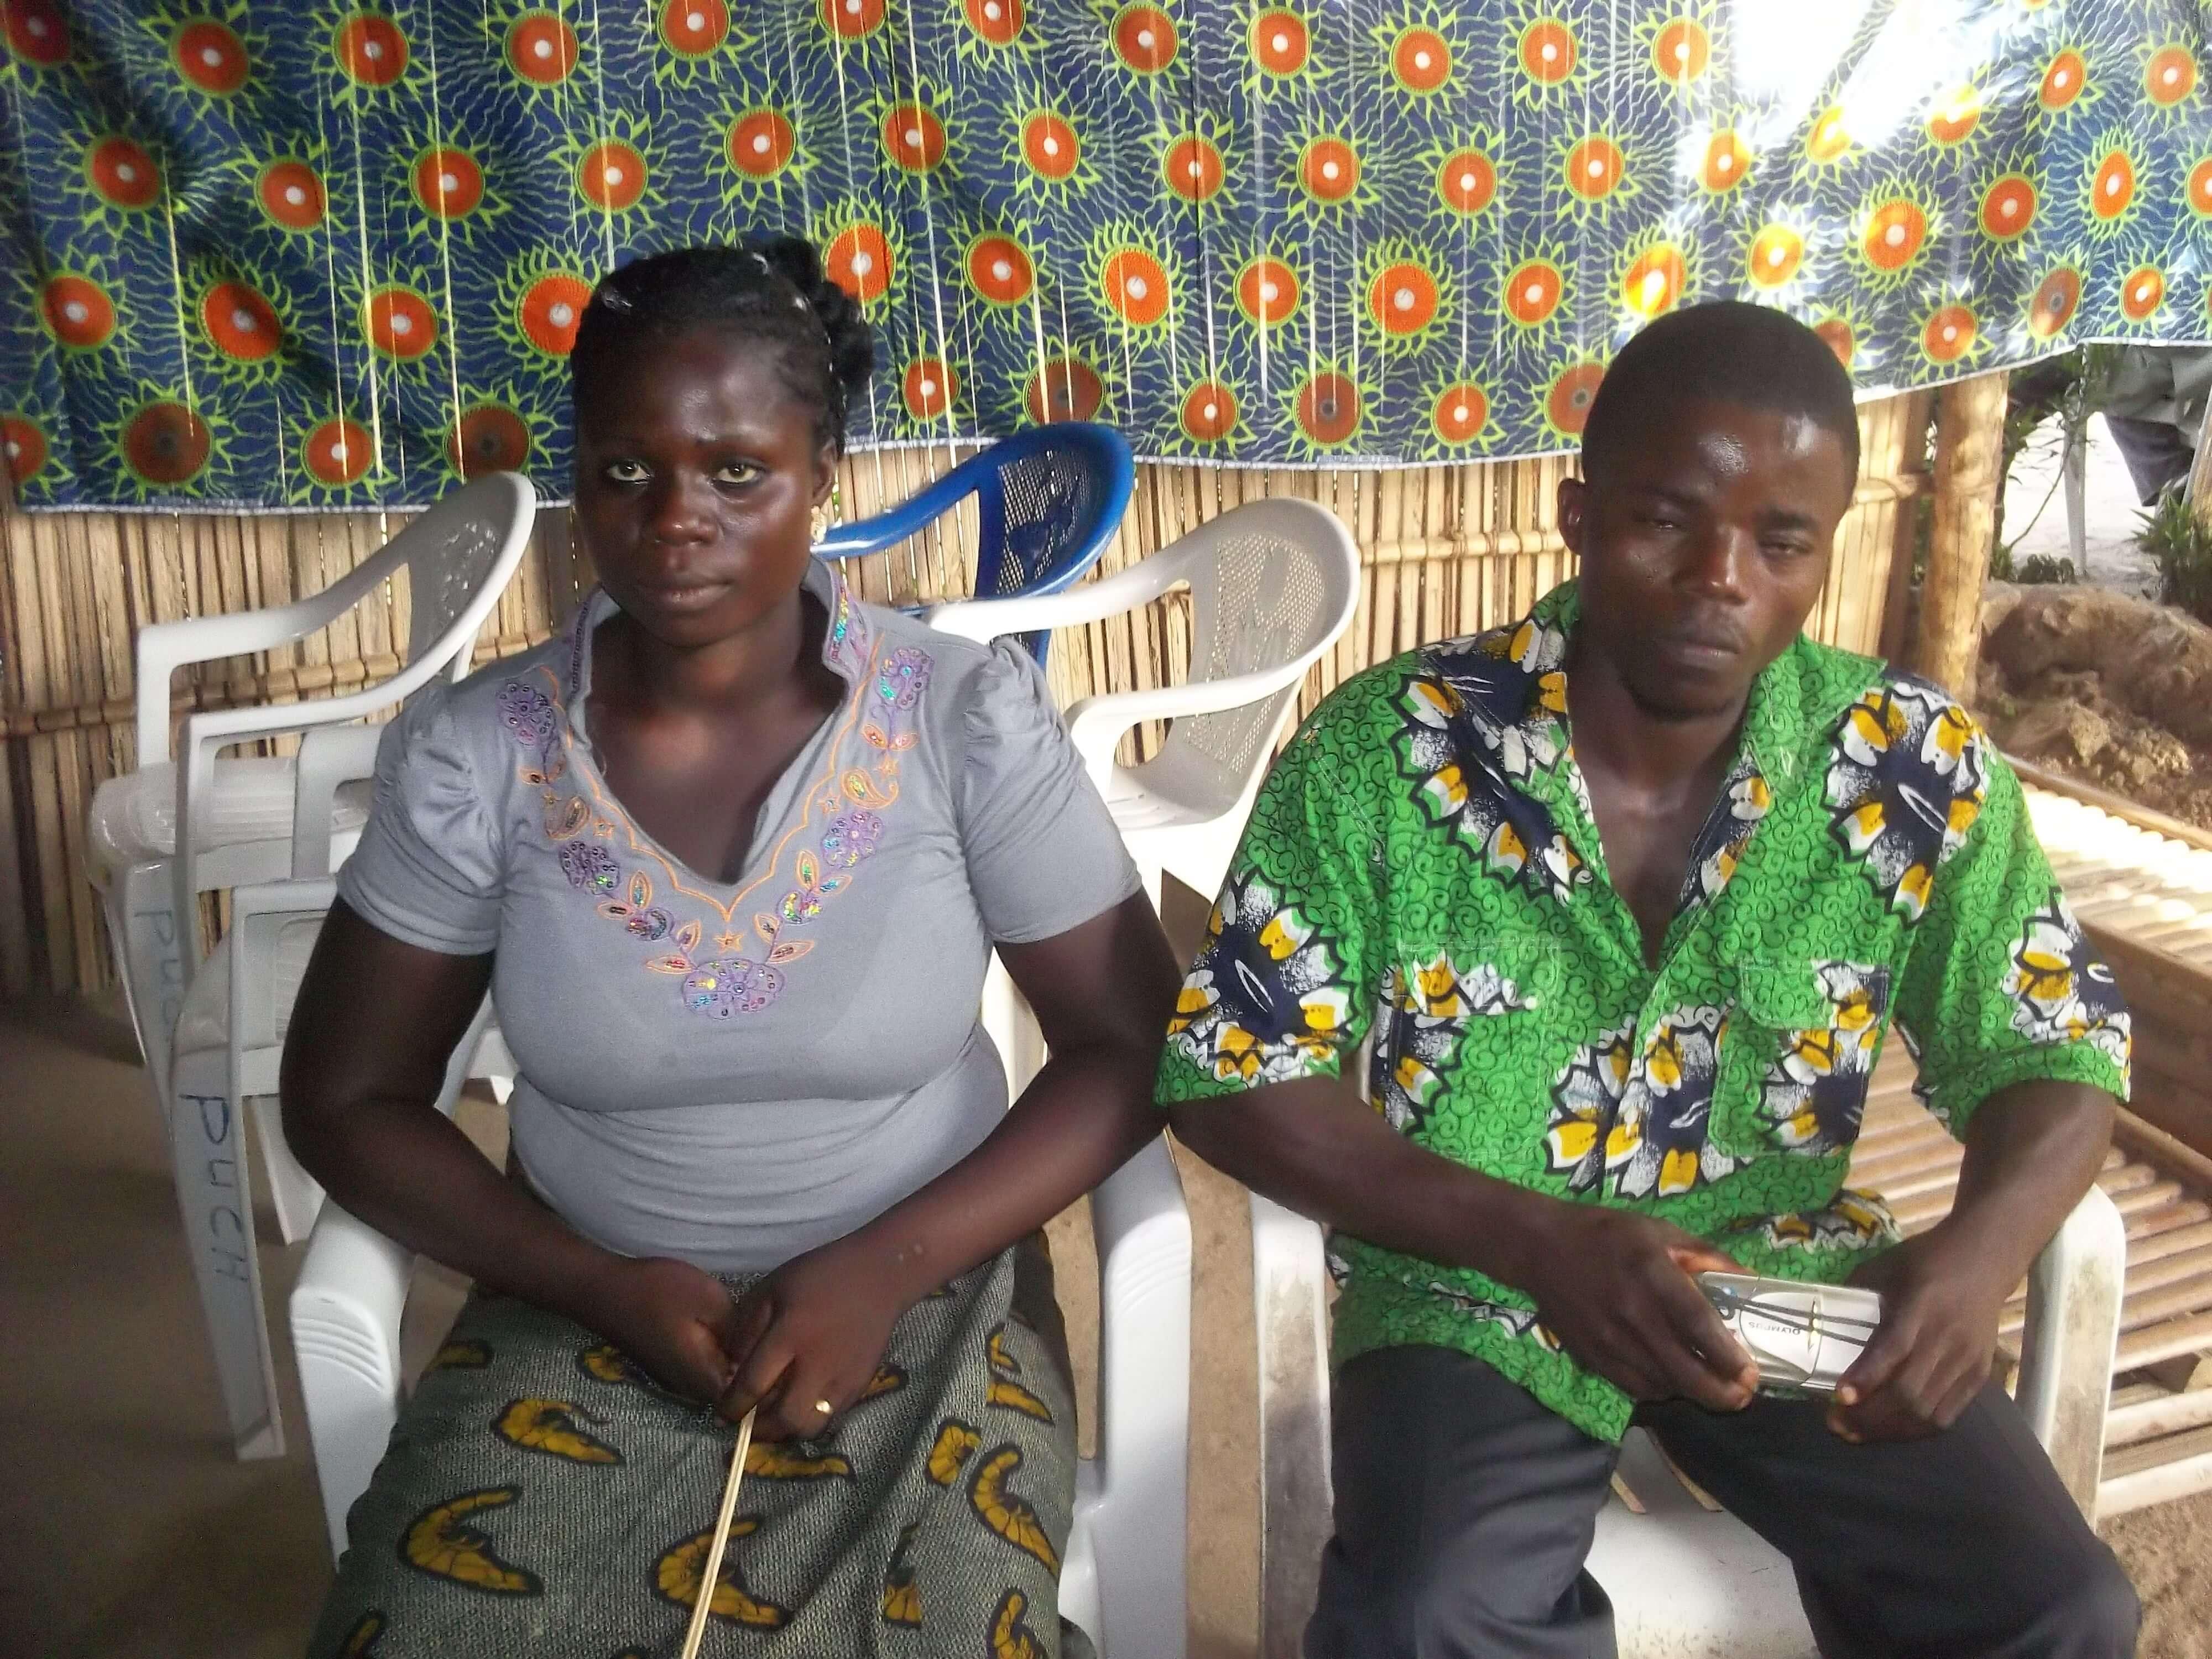 Ce couple vient nous demander la prière pour  avoir  un enfant